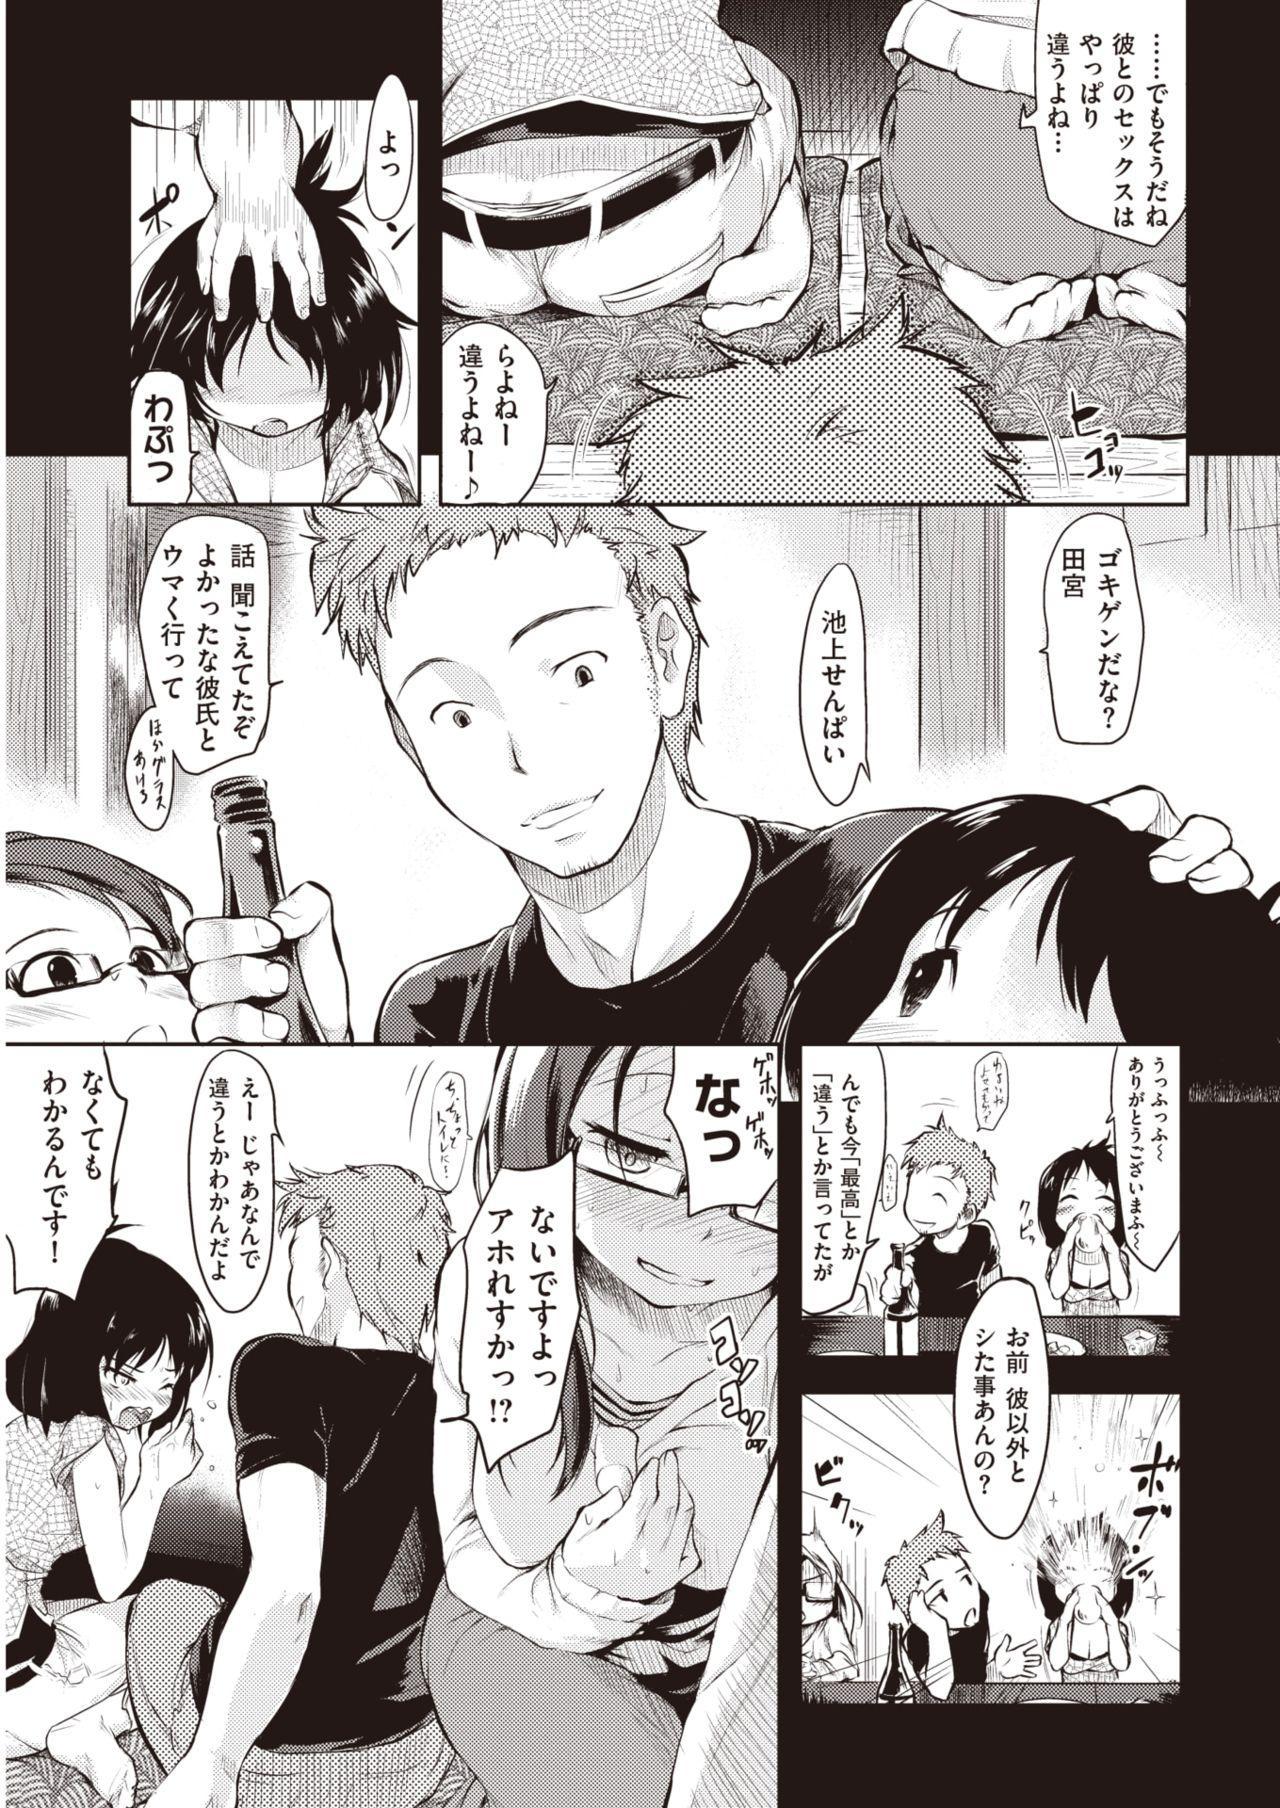 COMIC Kairakuten 25 Shuunen kinen tokubetsugou 221